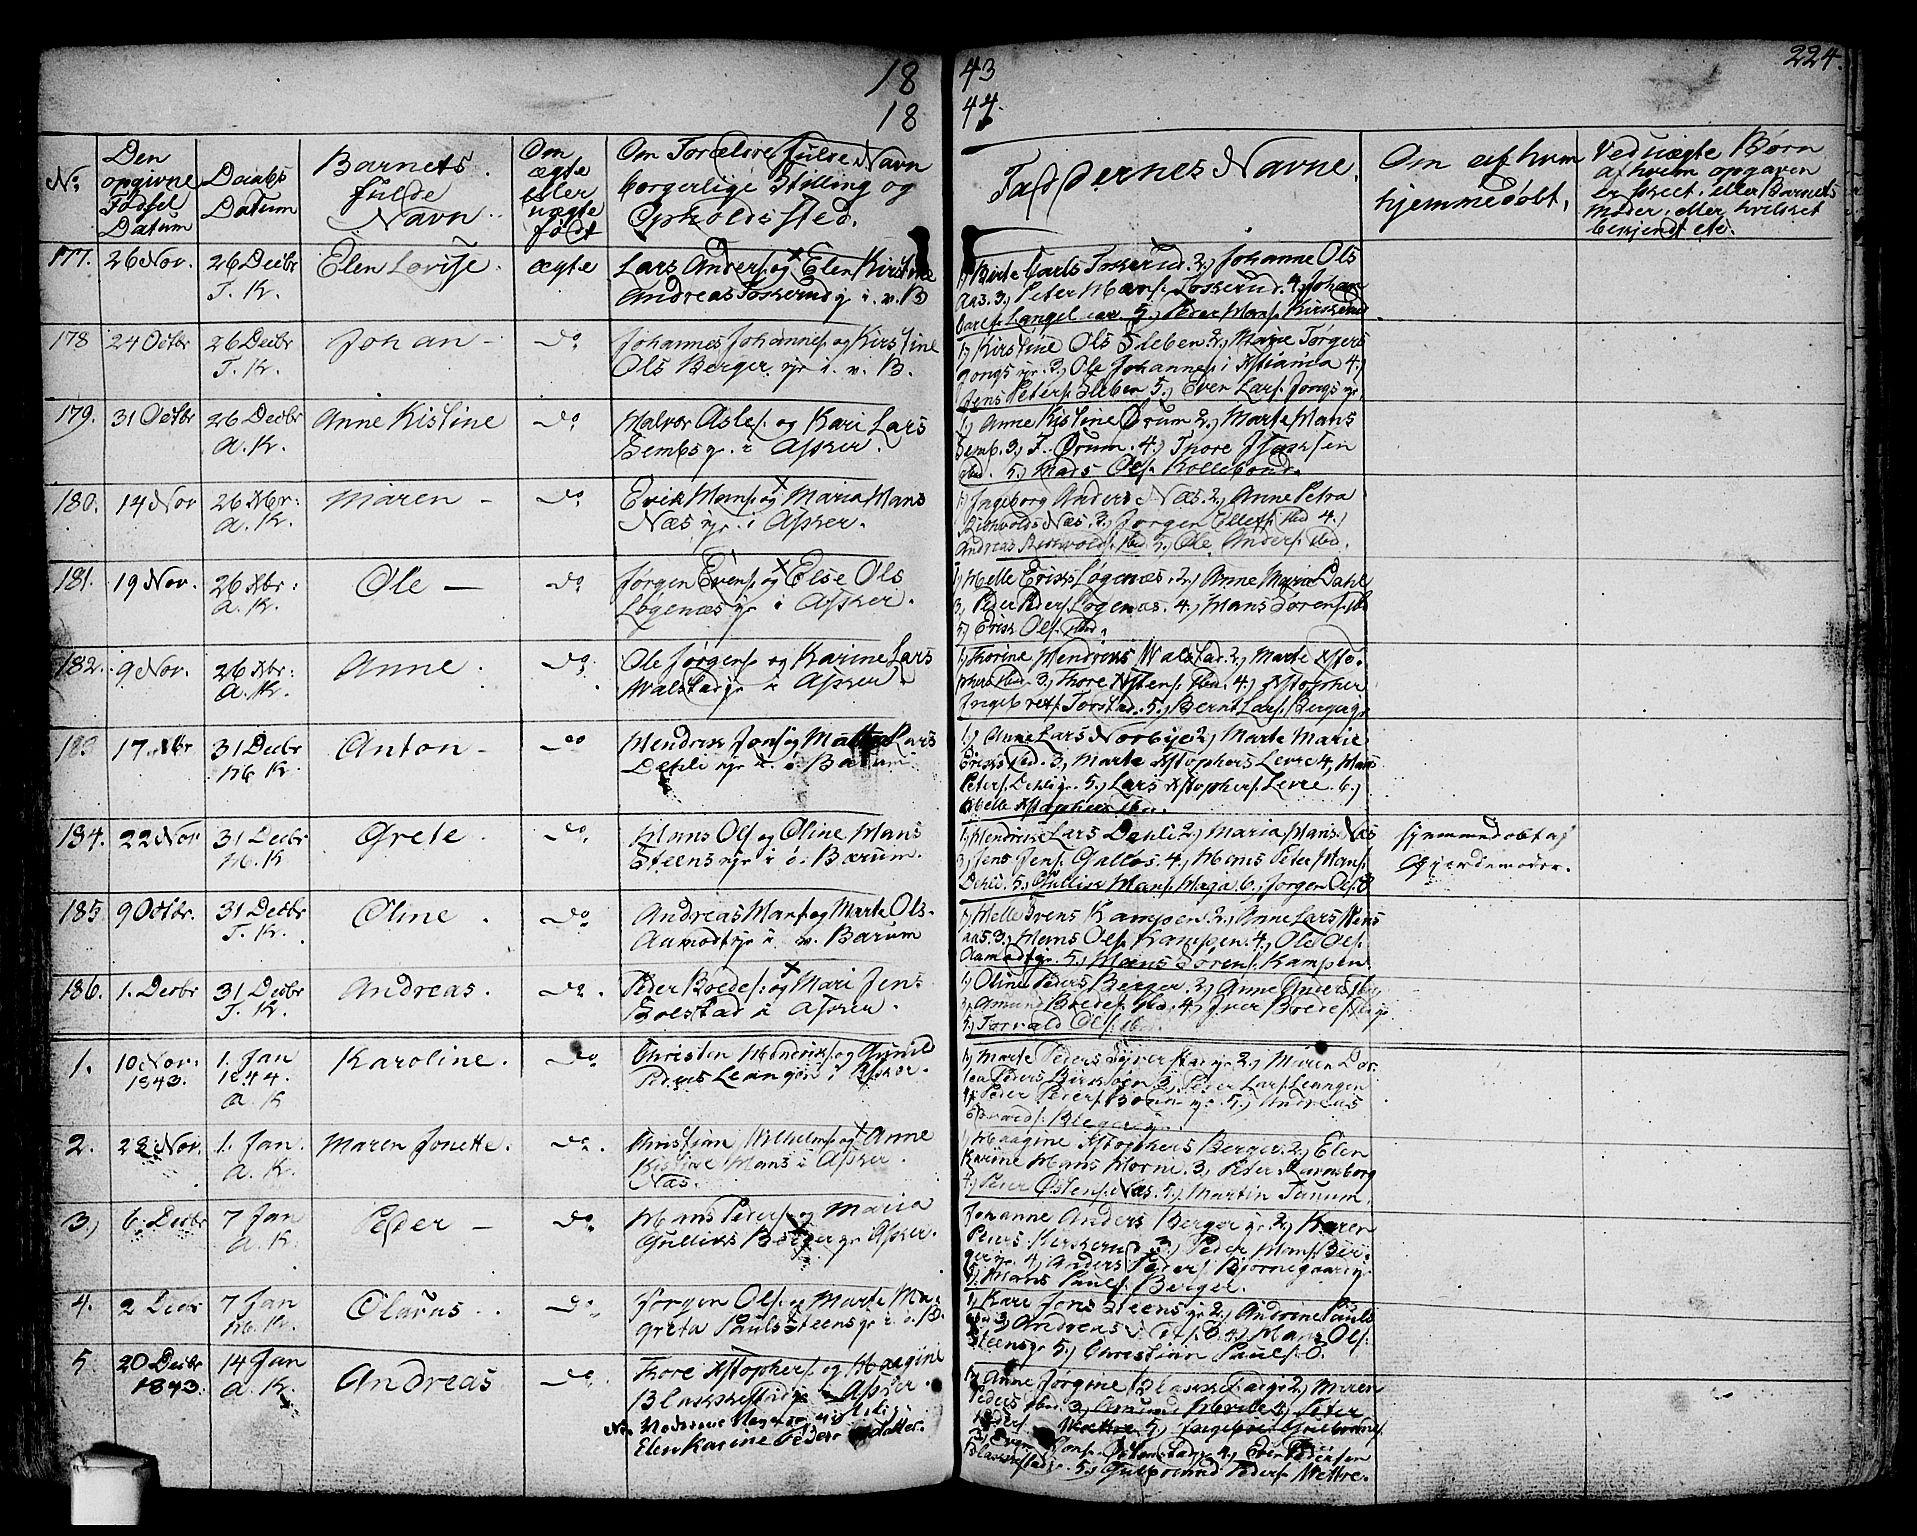 SAO, Asker prestekontor Kirkebøker, F/Fa/L0007: Ministerialbok nr. I 7, 1825-1864, s. 224